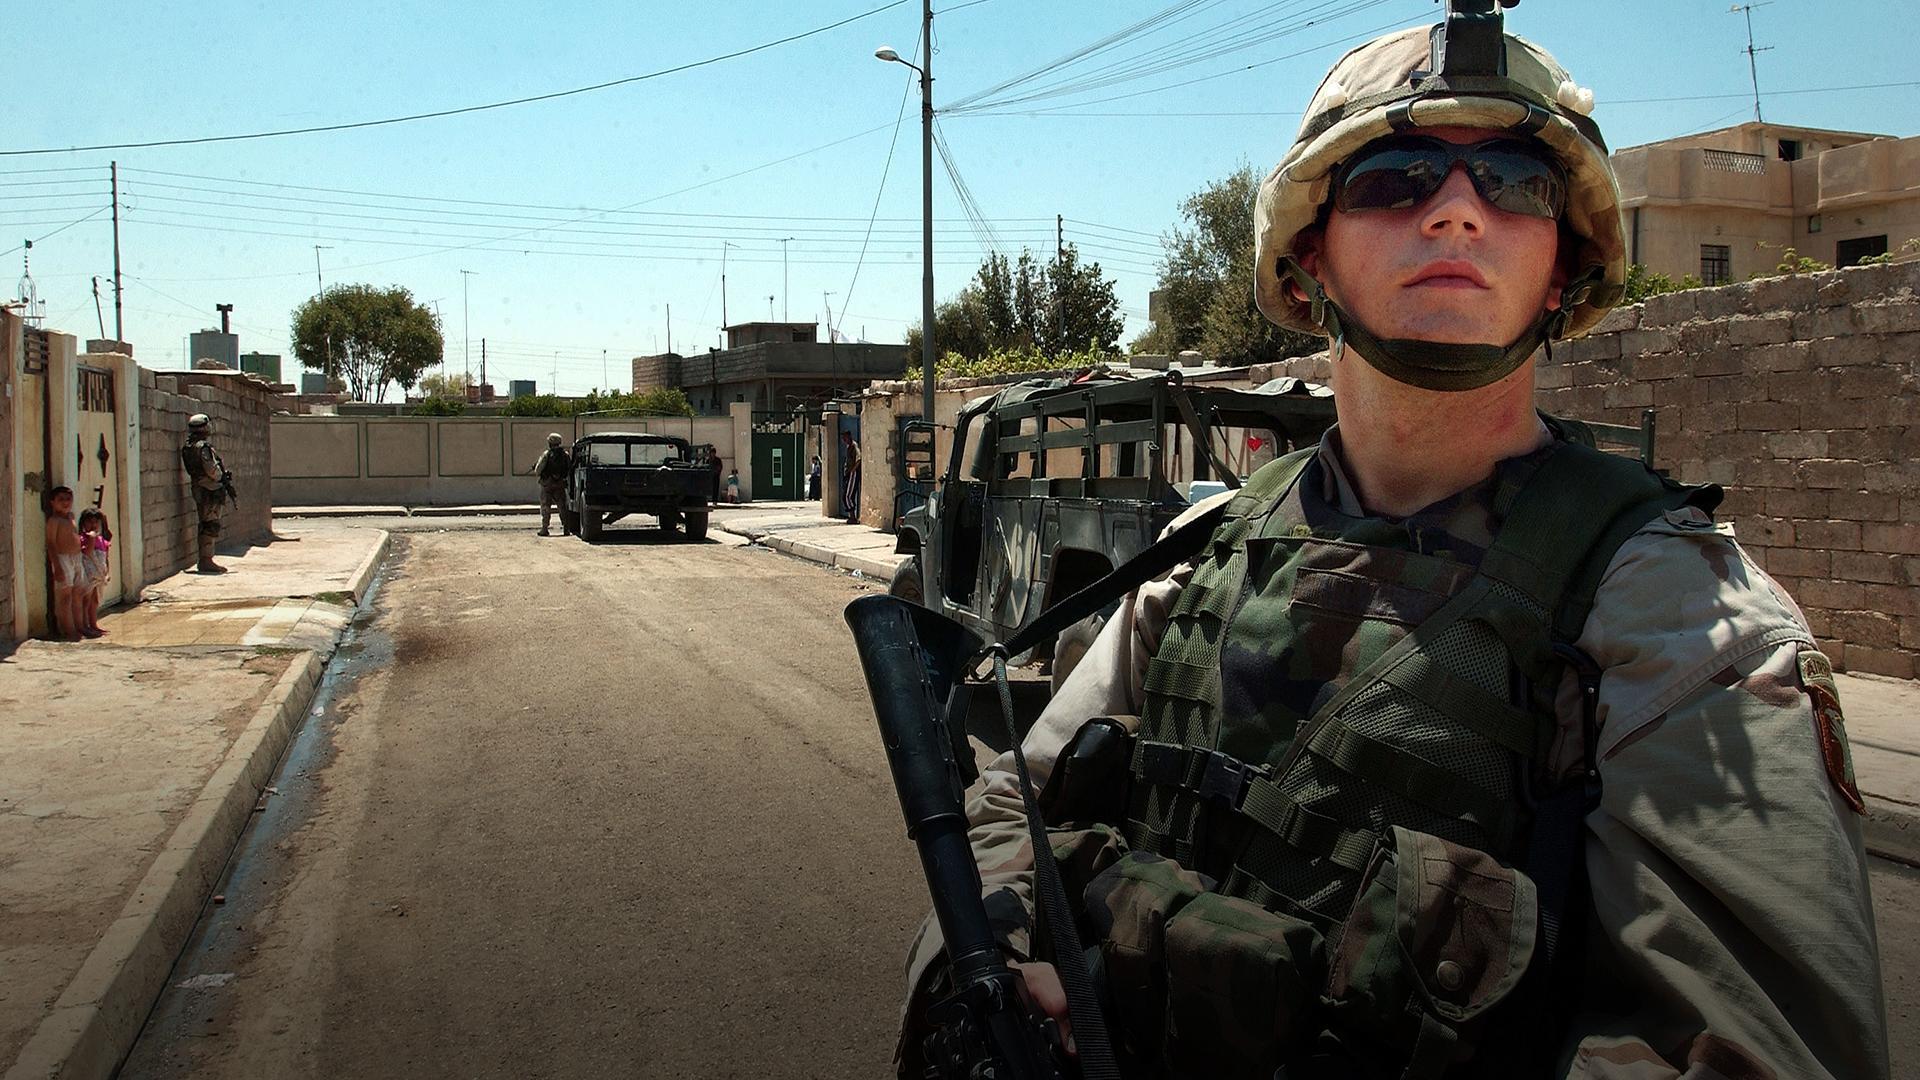 Боевая миссия США в Ираке завершится к 31 декабря